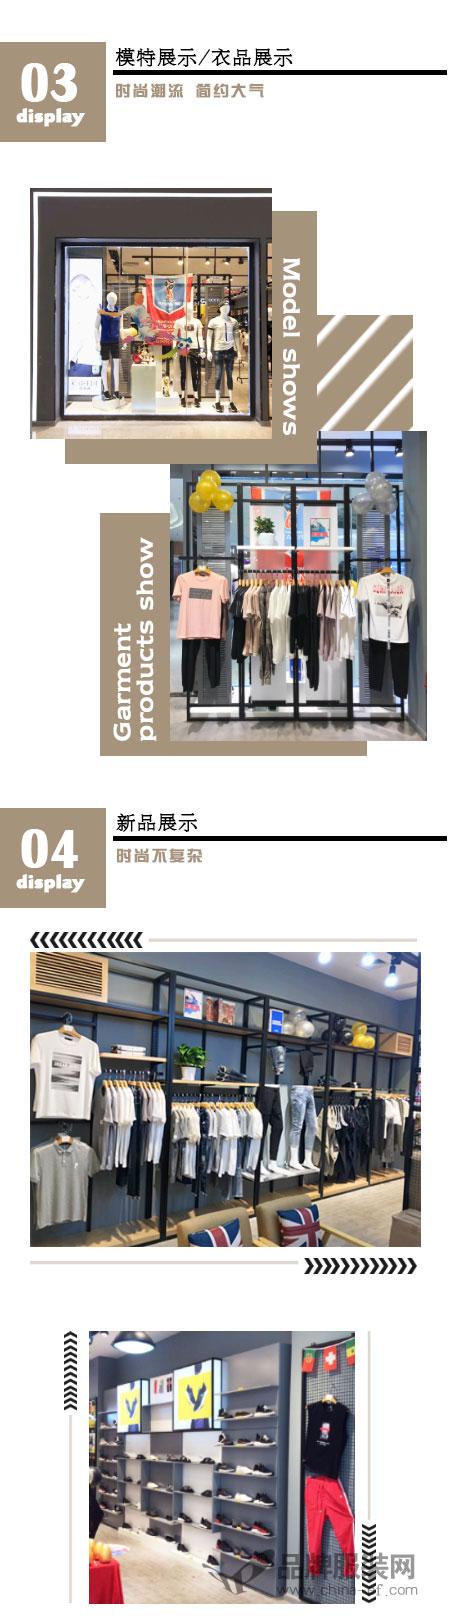 热烈祝贺凯施迪品牌男装 惠州鑫月城隆重开业!生活